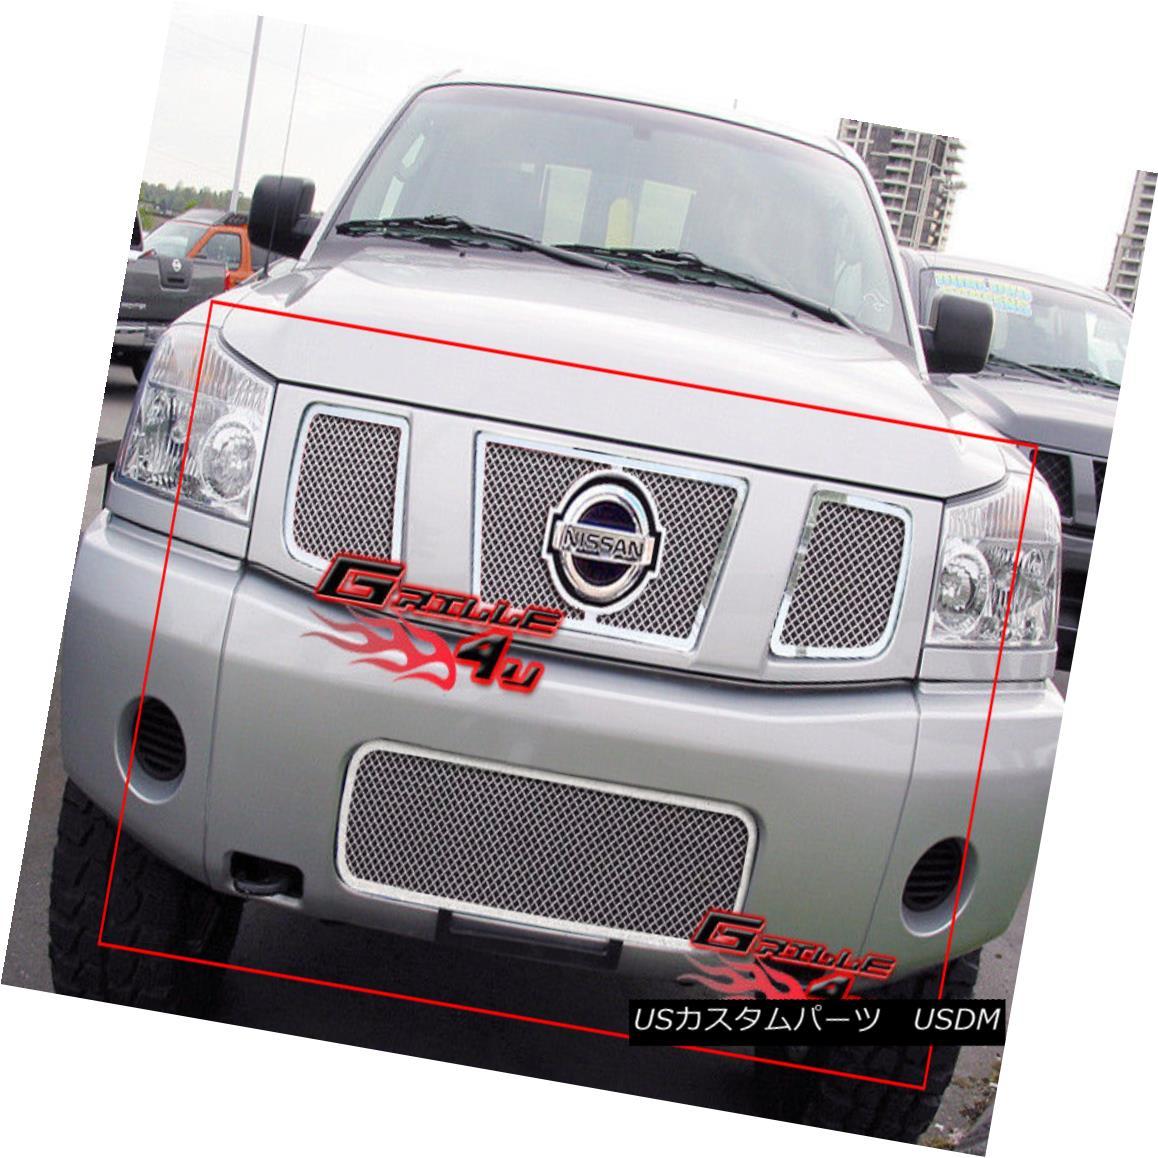 グリル For 04-07 Nissan Titan/Armada Stainless Mesh Grille Combo 04-07 Nissan Titan / Armadaステンレスメッシュグリルコンボ用